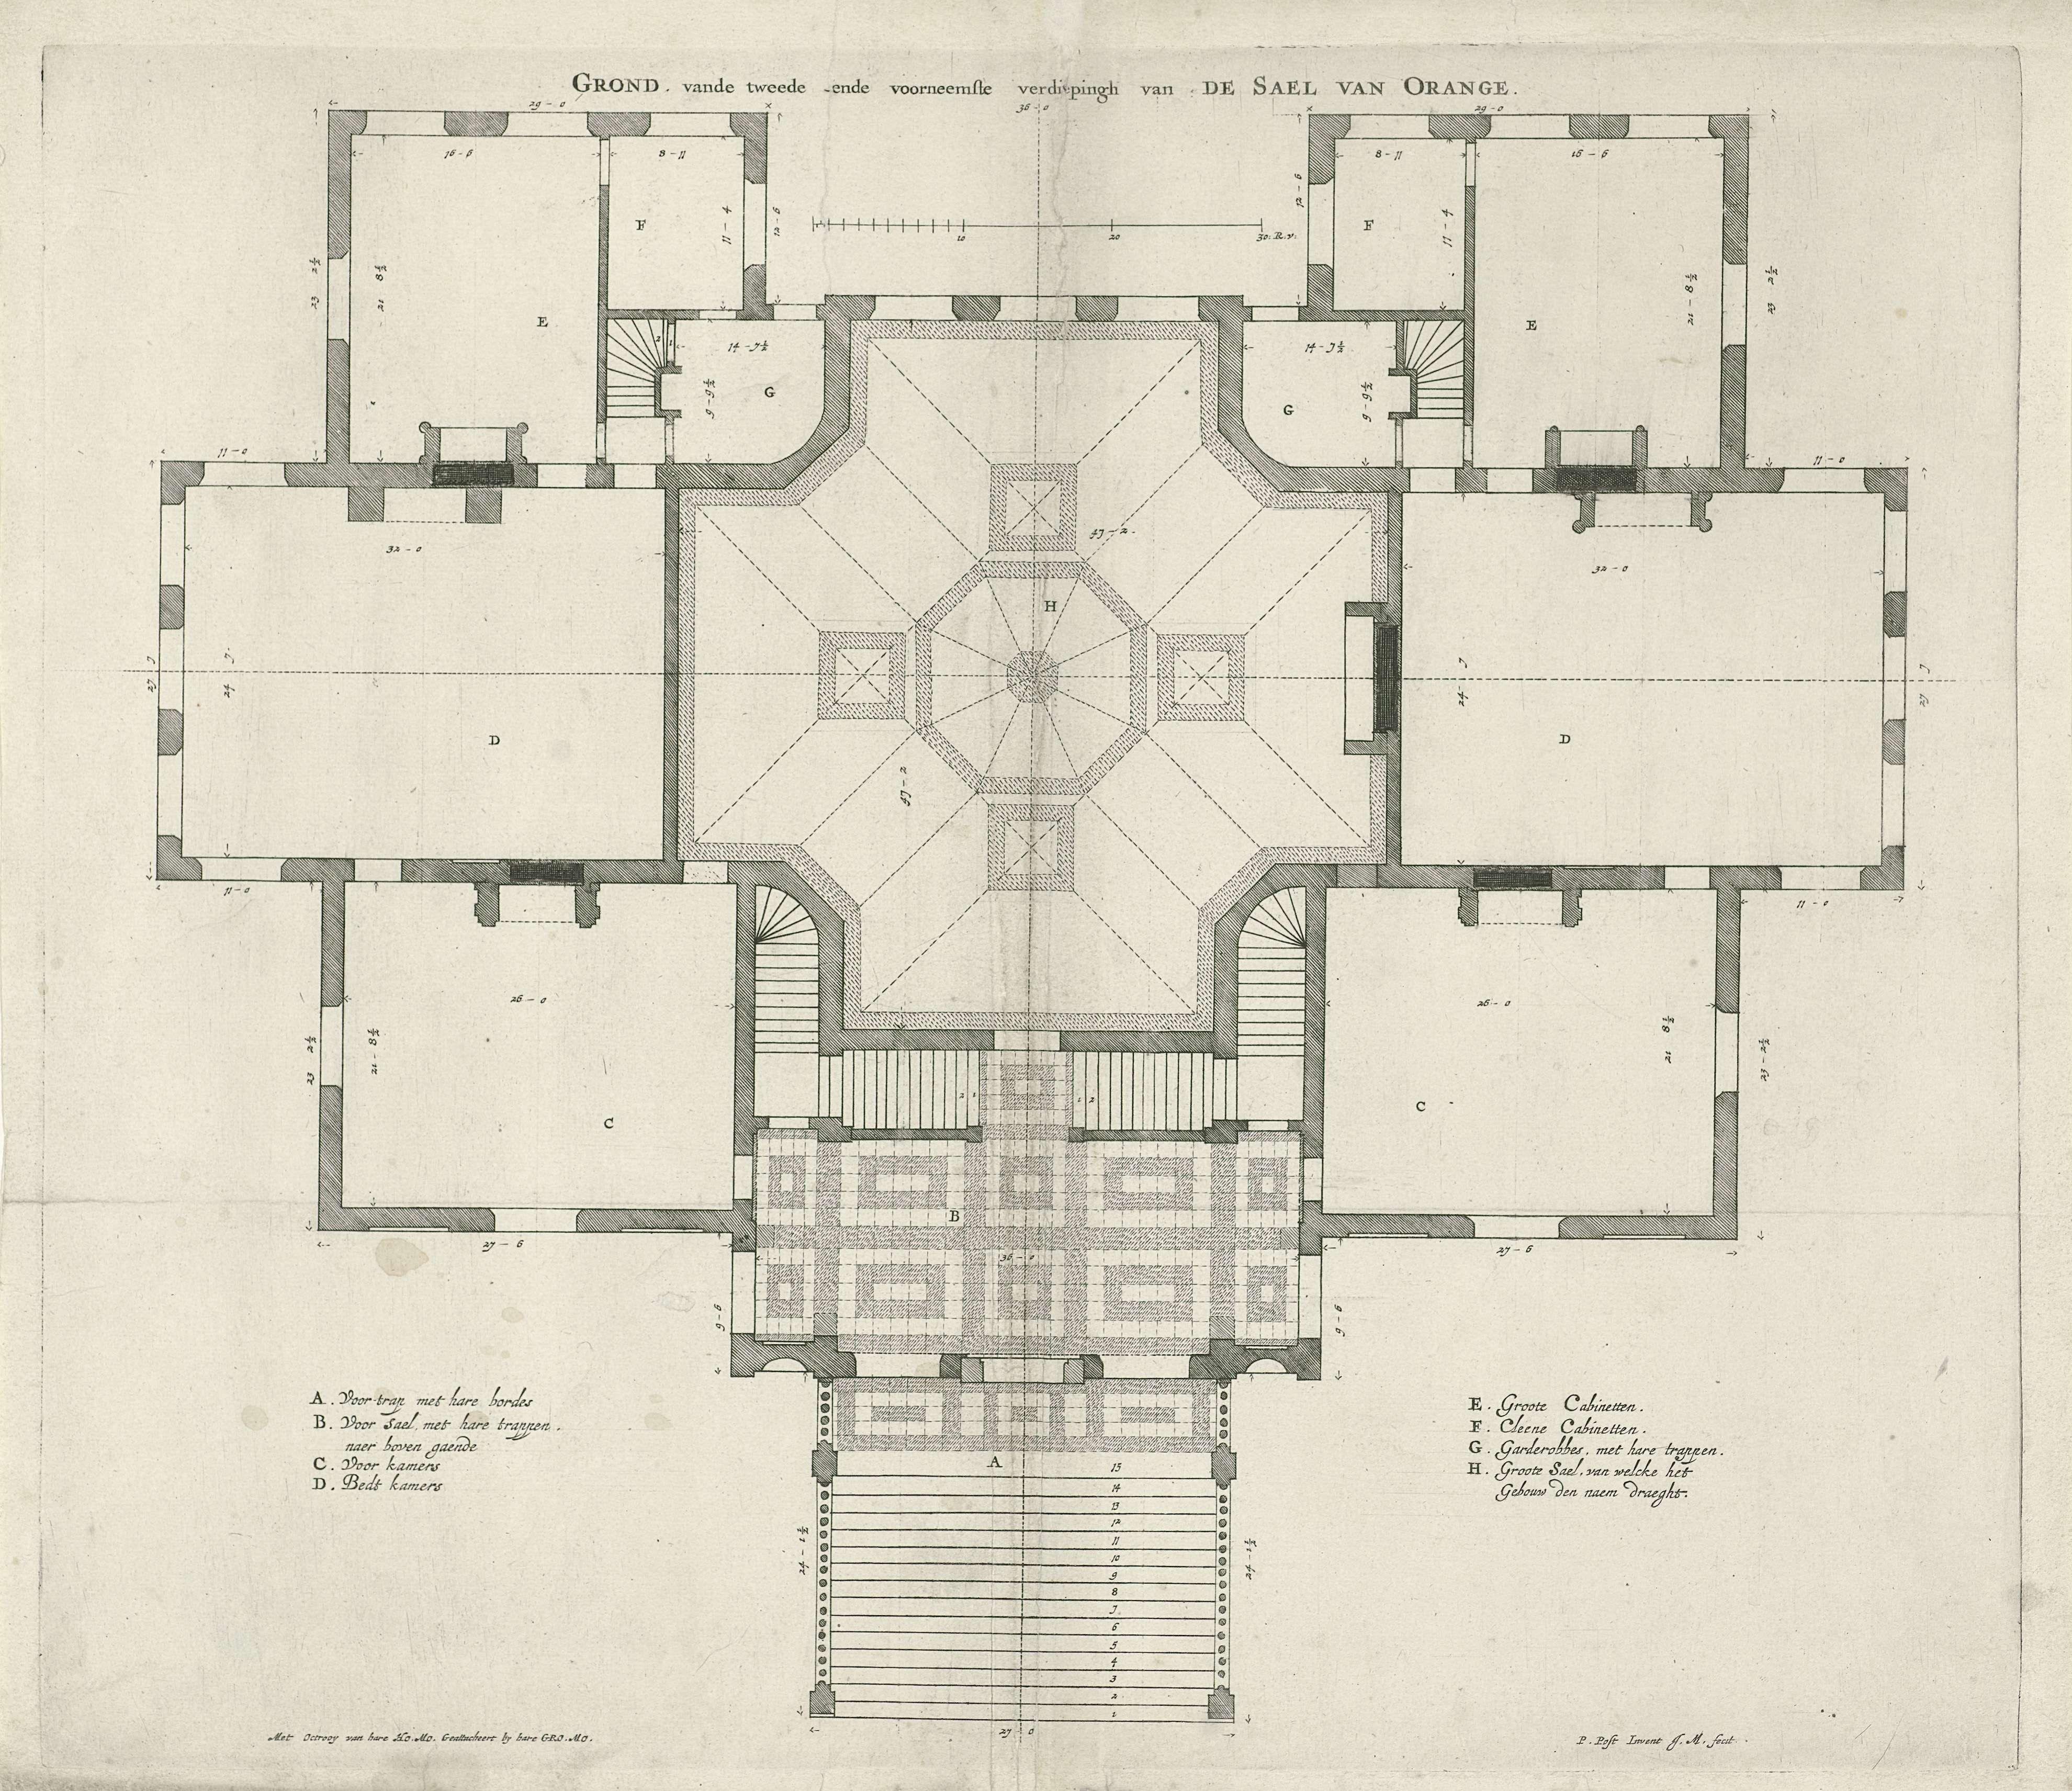 Jan Matthysz. | Voornaamste verdieping met de Oranjezaal van Paleis Huis ten Bosch, Jan Matthysz., 1655 | Plattegrond van de voornaamste verdieping van Paleis Huis ten Bosch te Den Haag met in het midden de Oranje Zaal. Links- en rechtsonder een legenda.